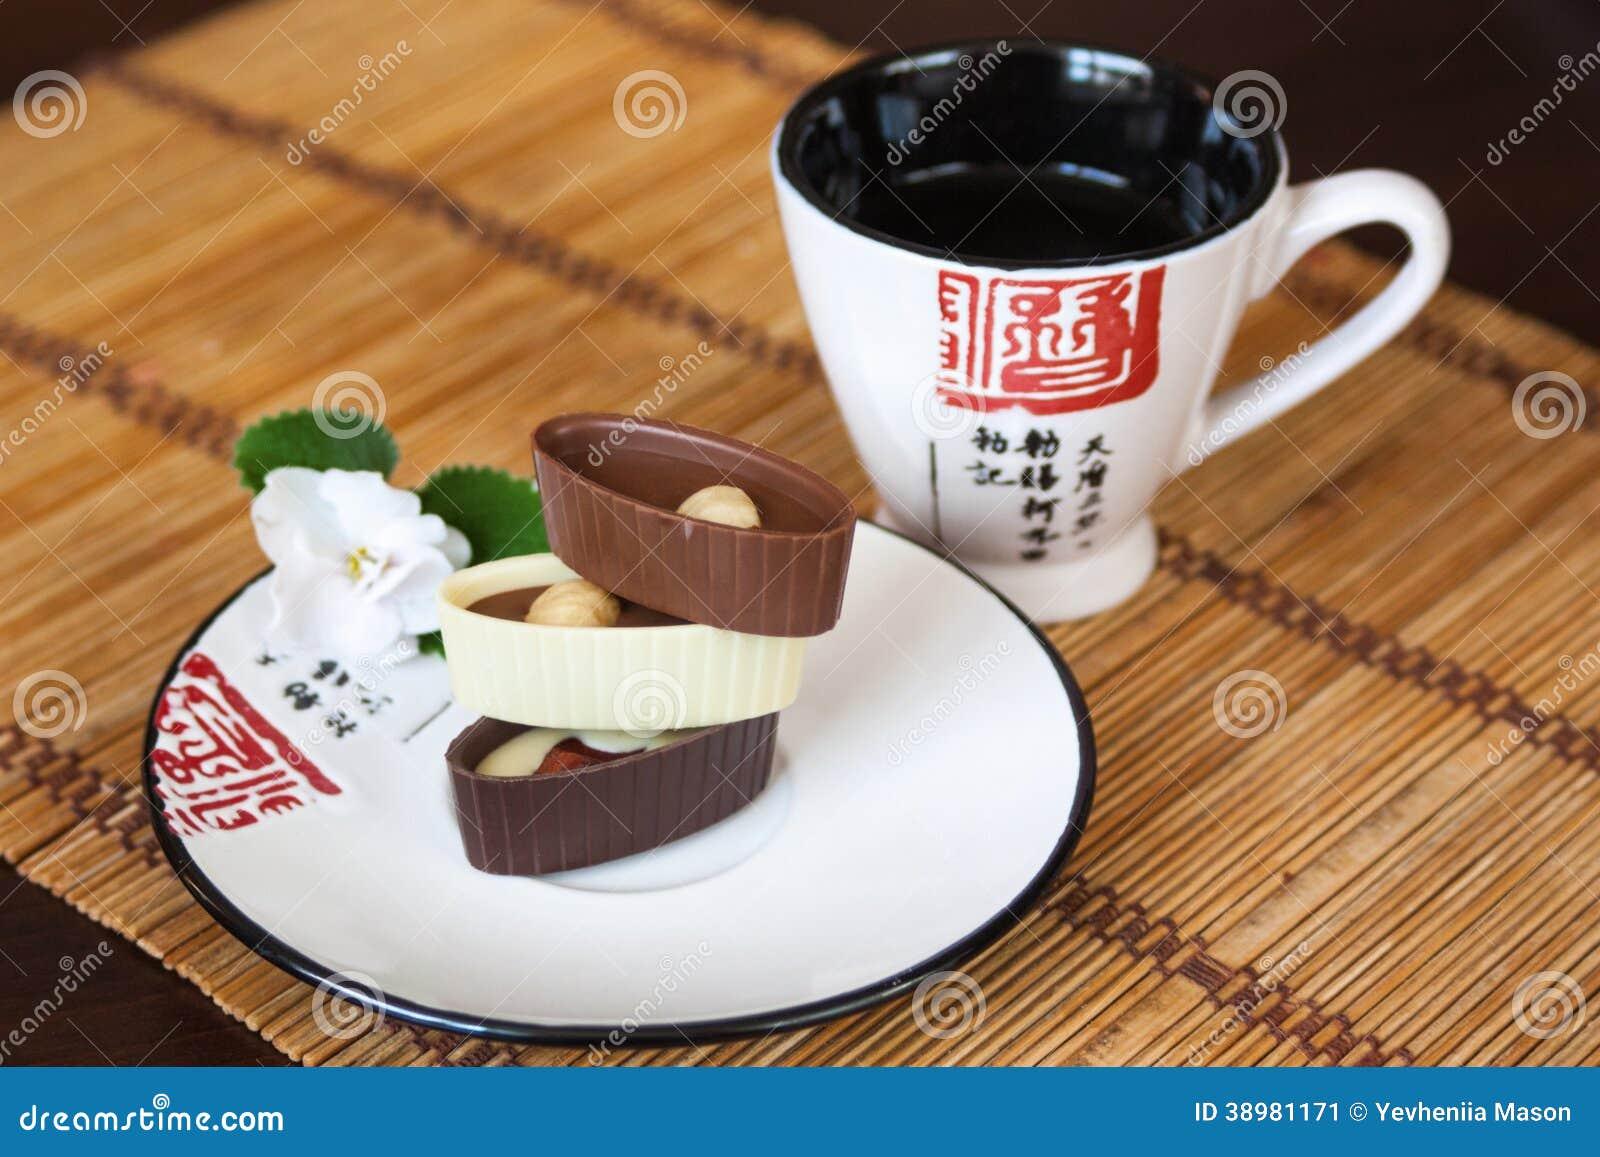 Aziatische thee en snoepjes